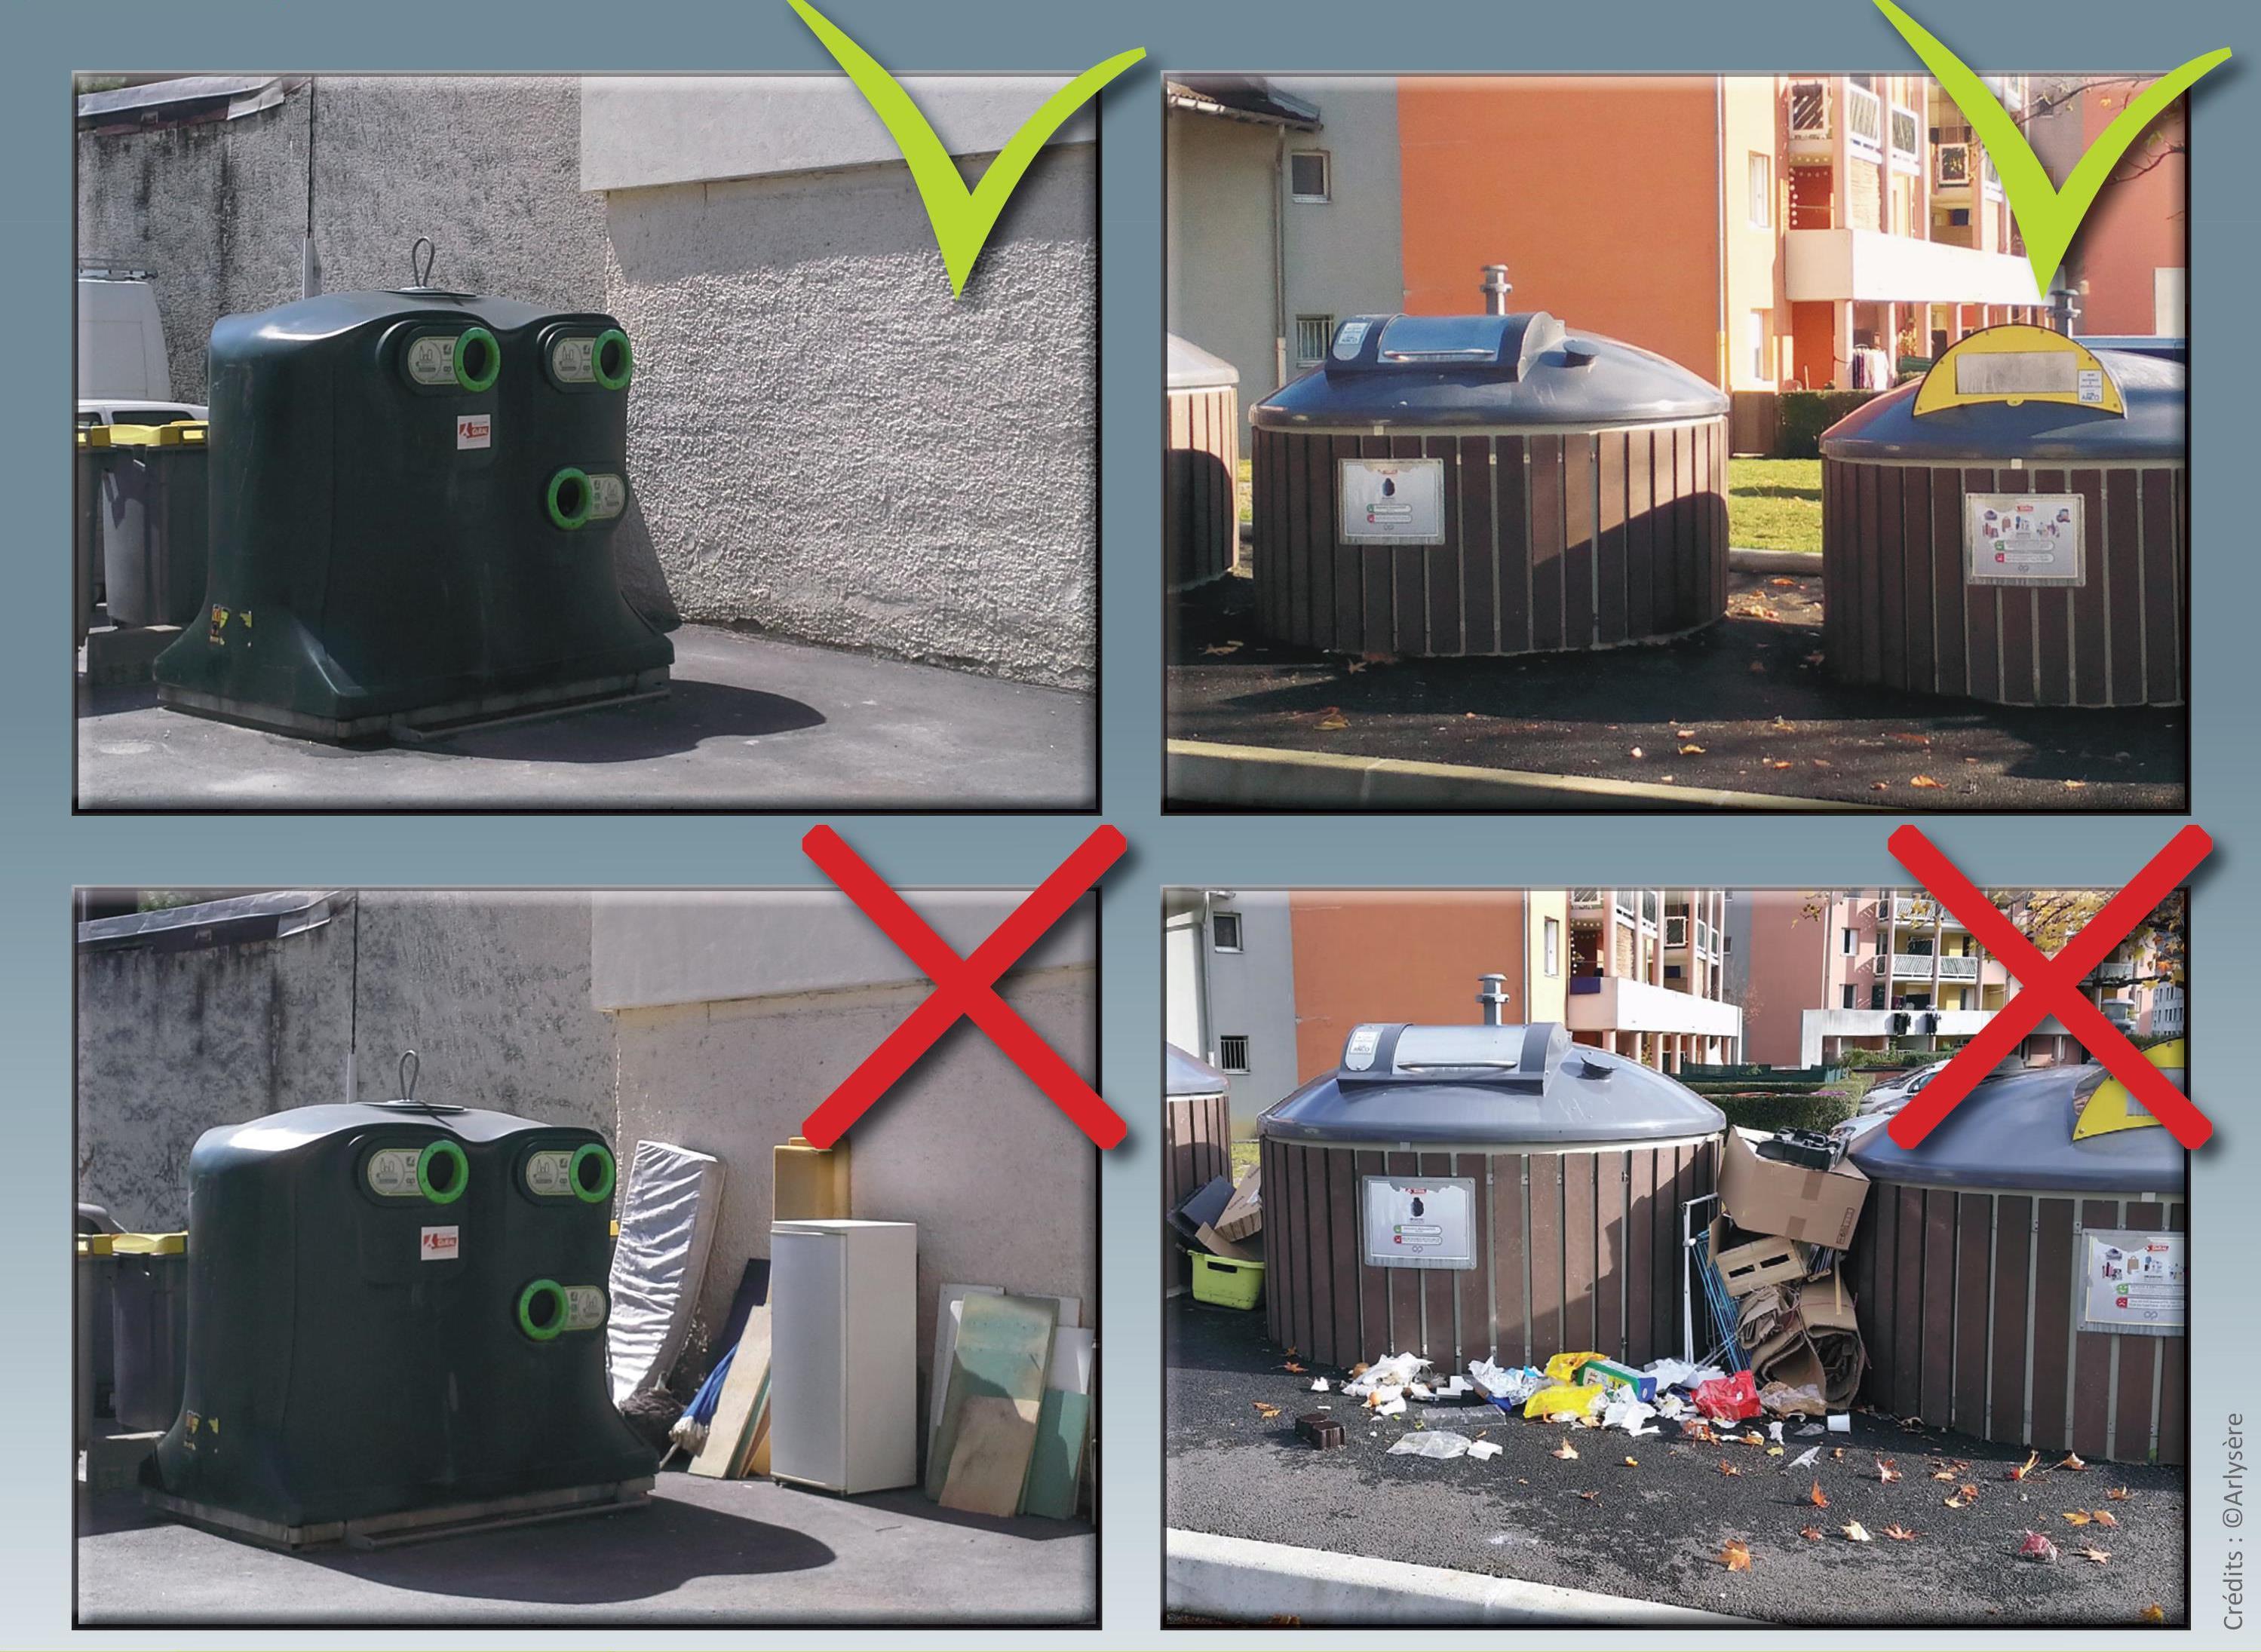 Dépôt déchets interdit photos.jpg